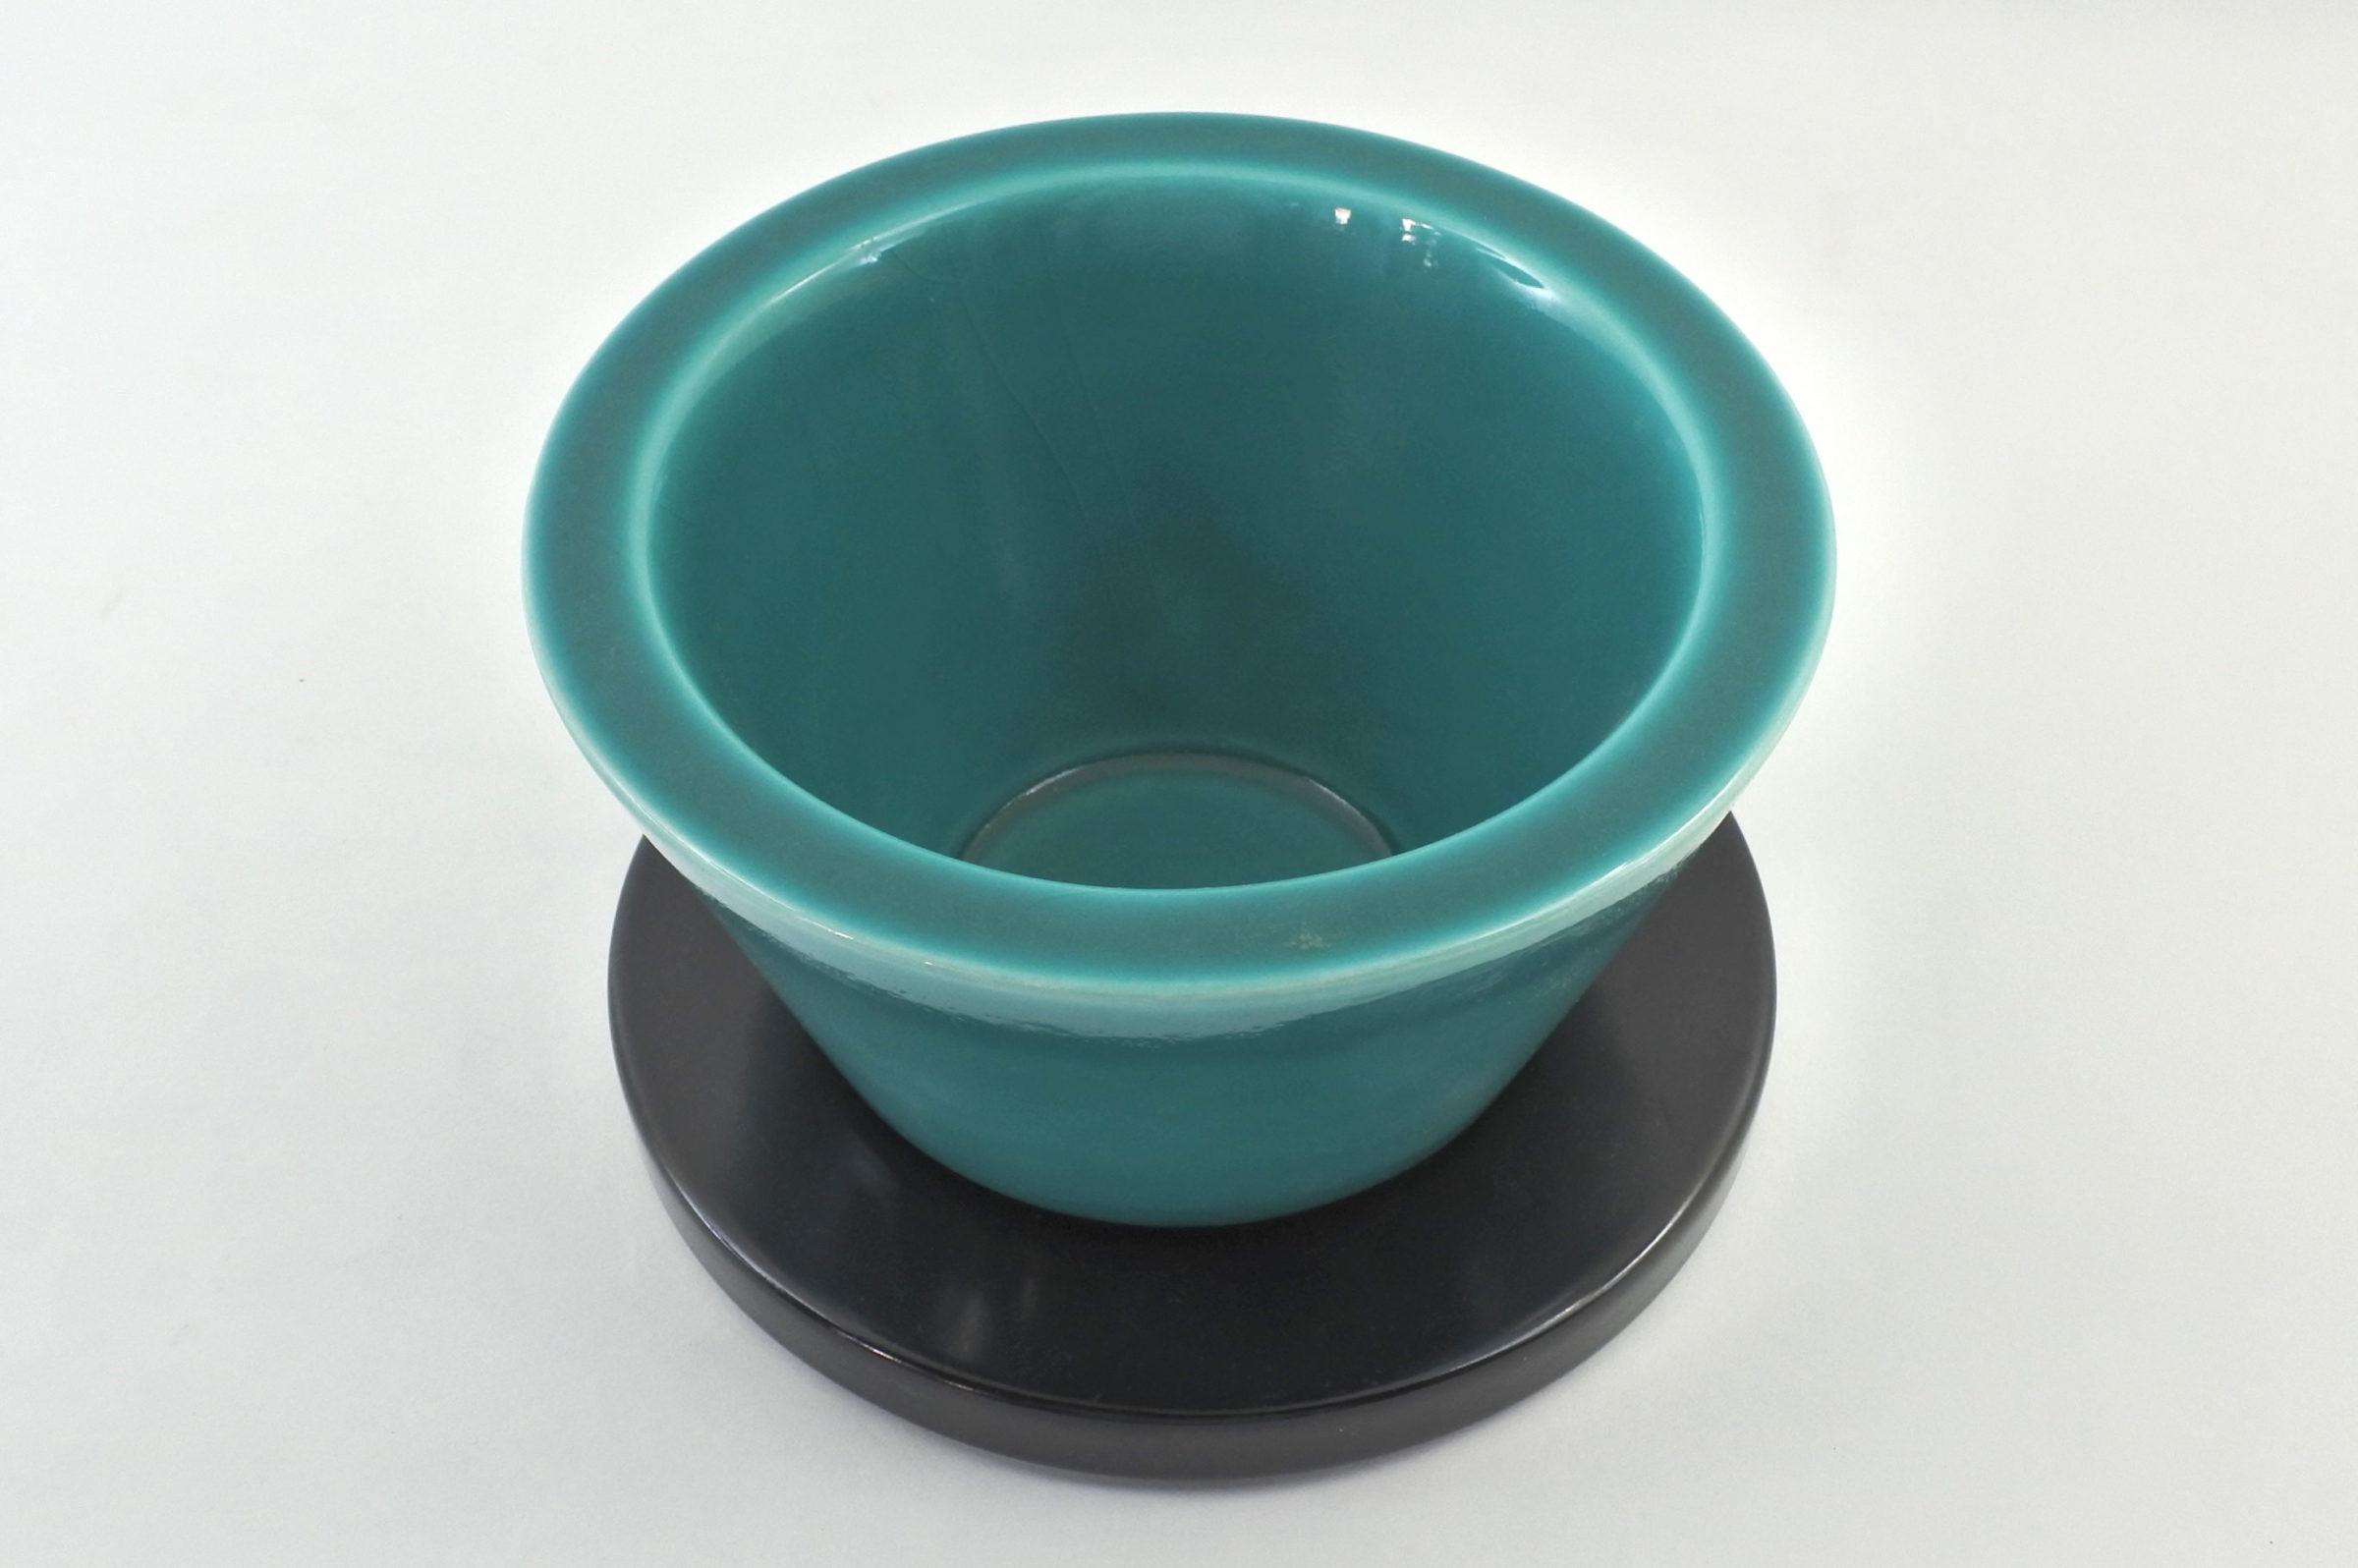 Coppa Frank in ceramica - Designer Marco Zanini - Collezione Hollywood - 2